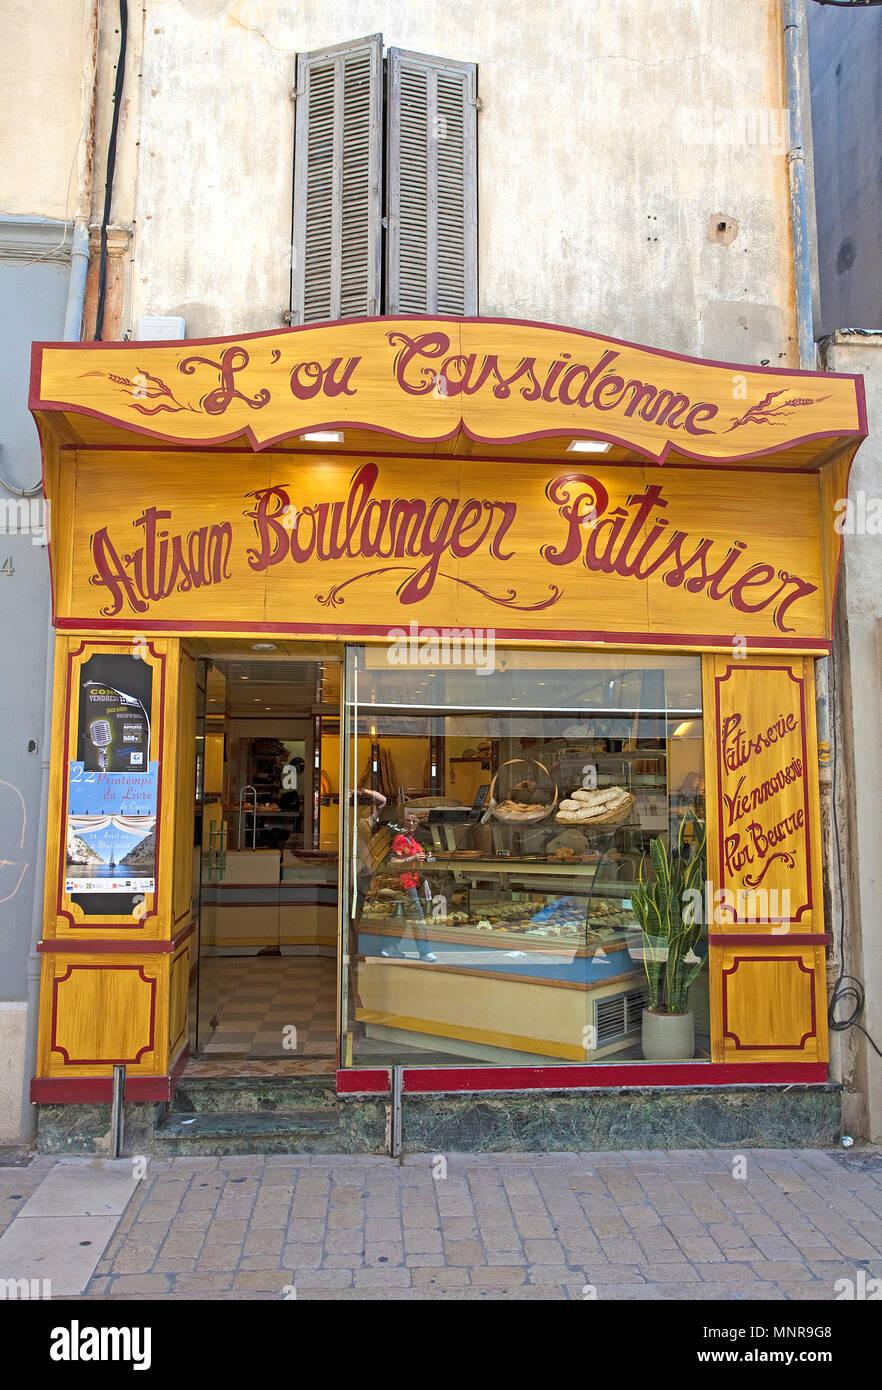 Traditionelle Boulangerie und Patissierie bei Cassis, Bouches-du-Rhône der Region Provence-Alpes-Côte d'Azur, Südfrankreich, Frankreich, Europa Stockbild